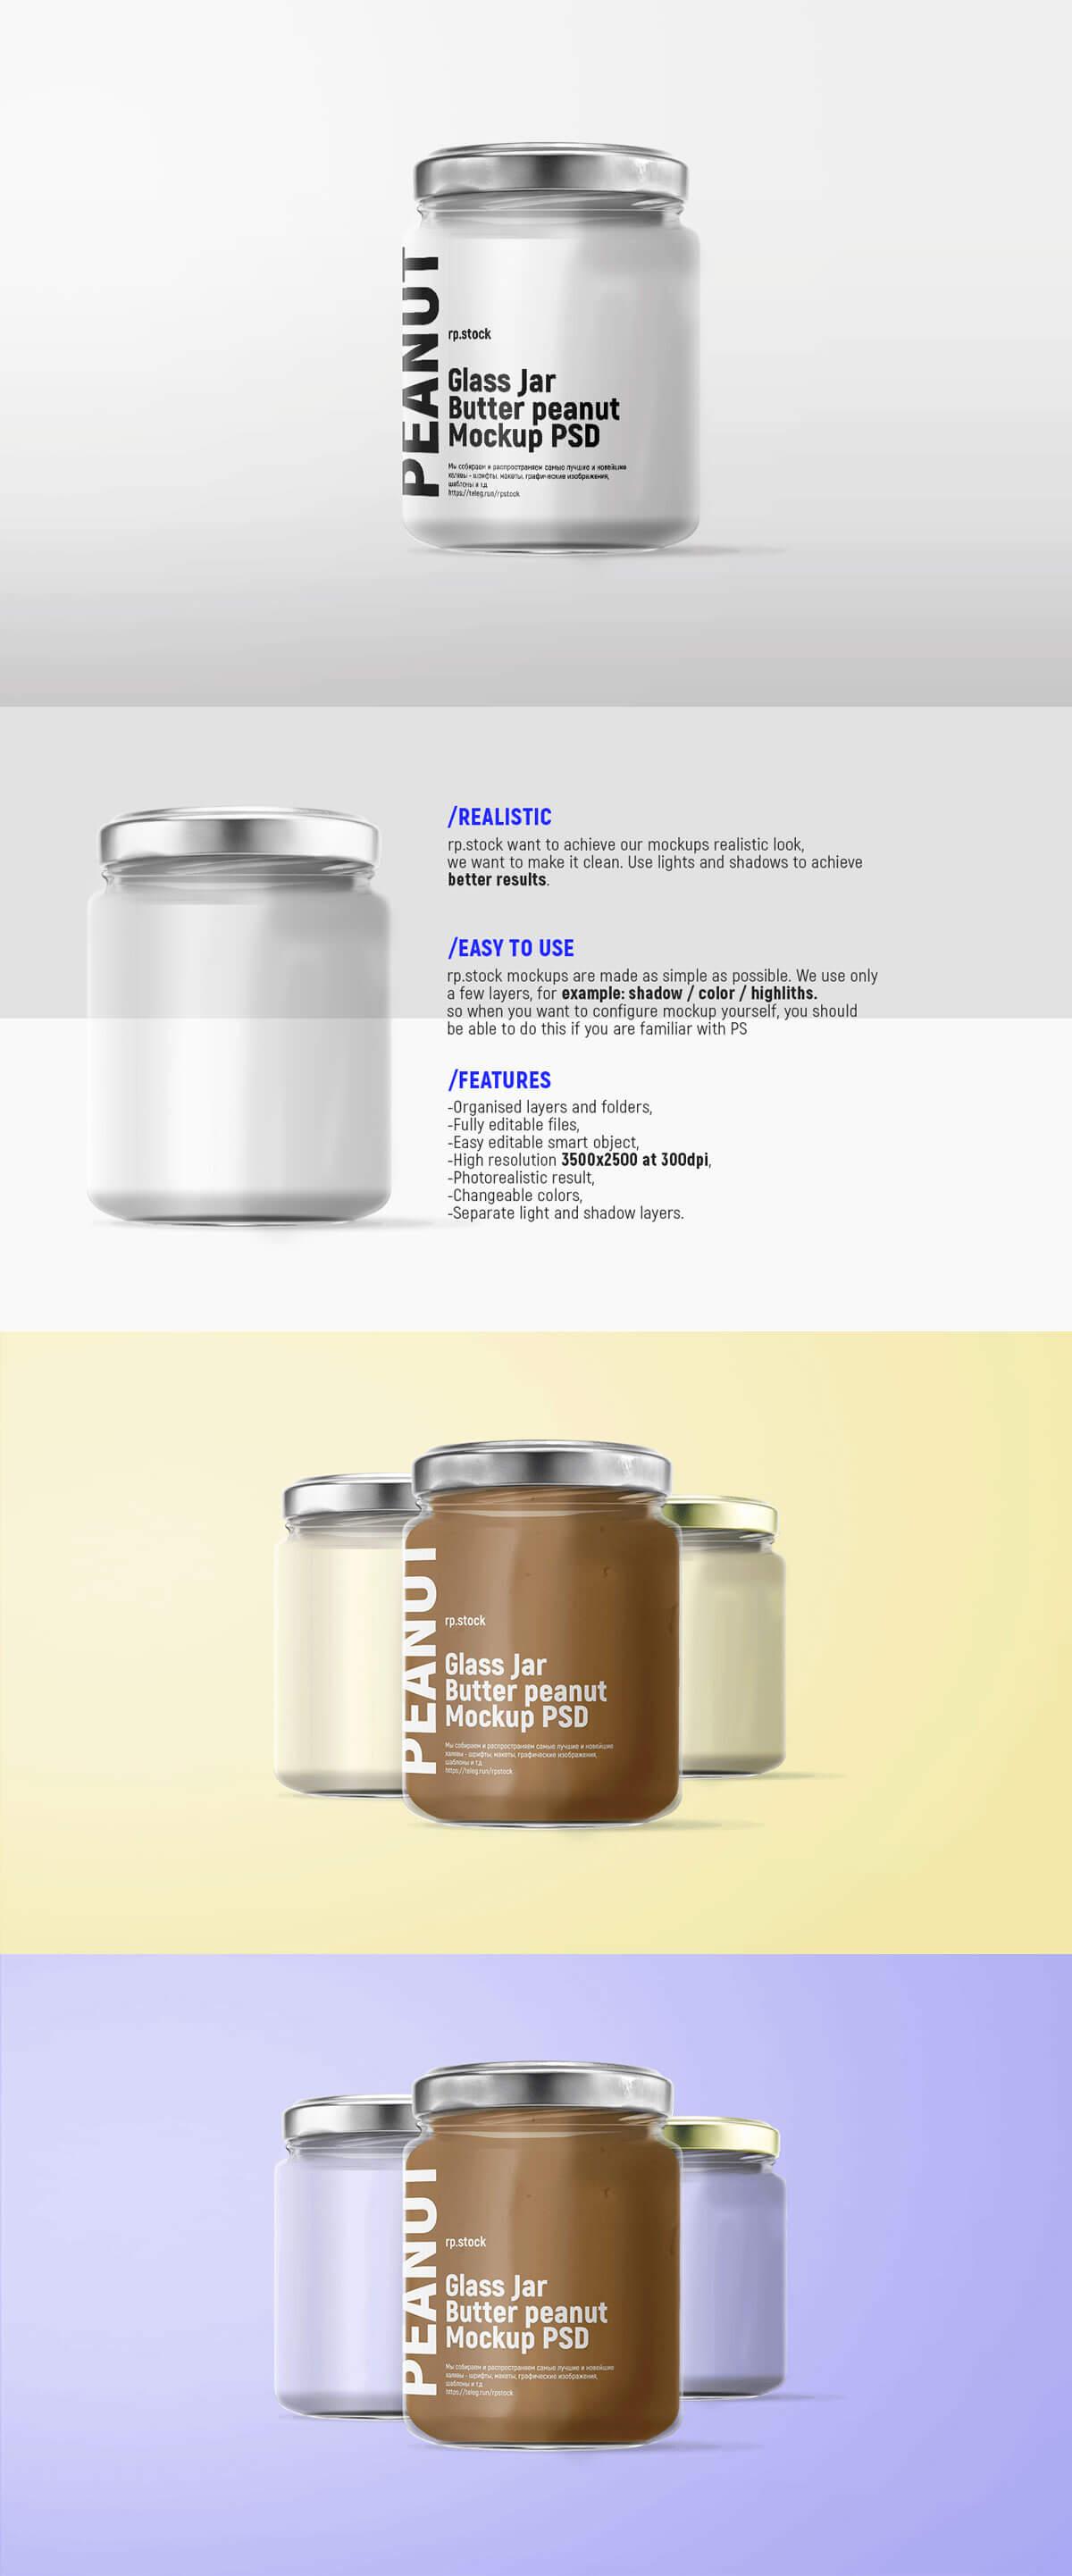 Free Glass Jar Butter Peanut Mockup PSD